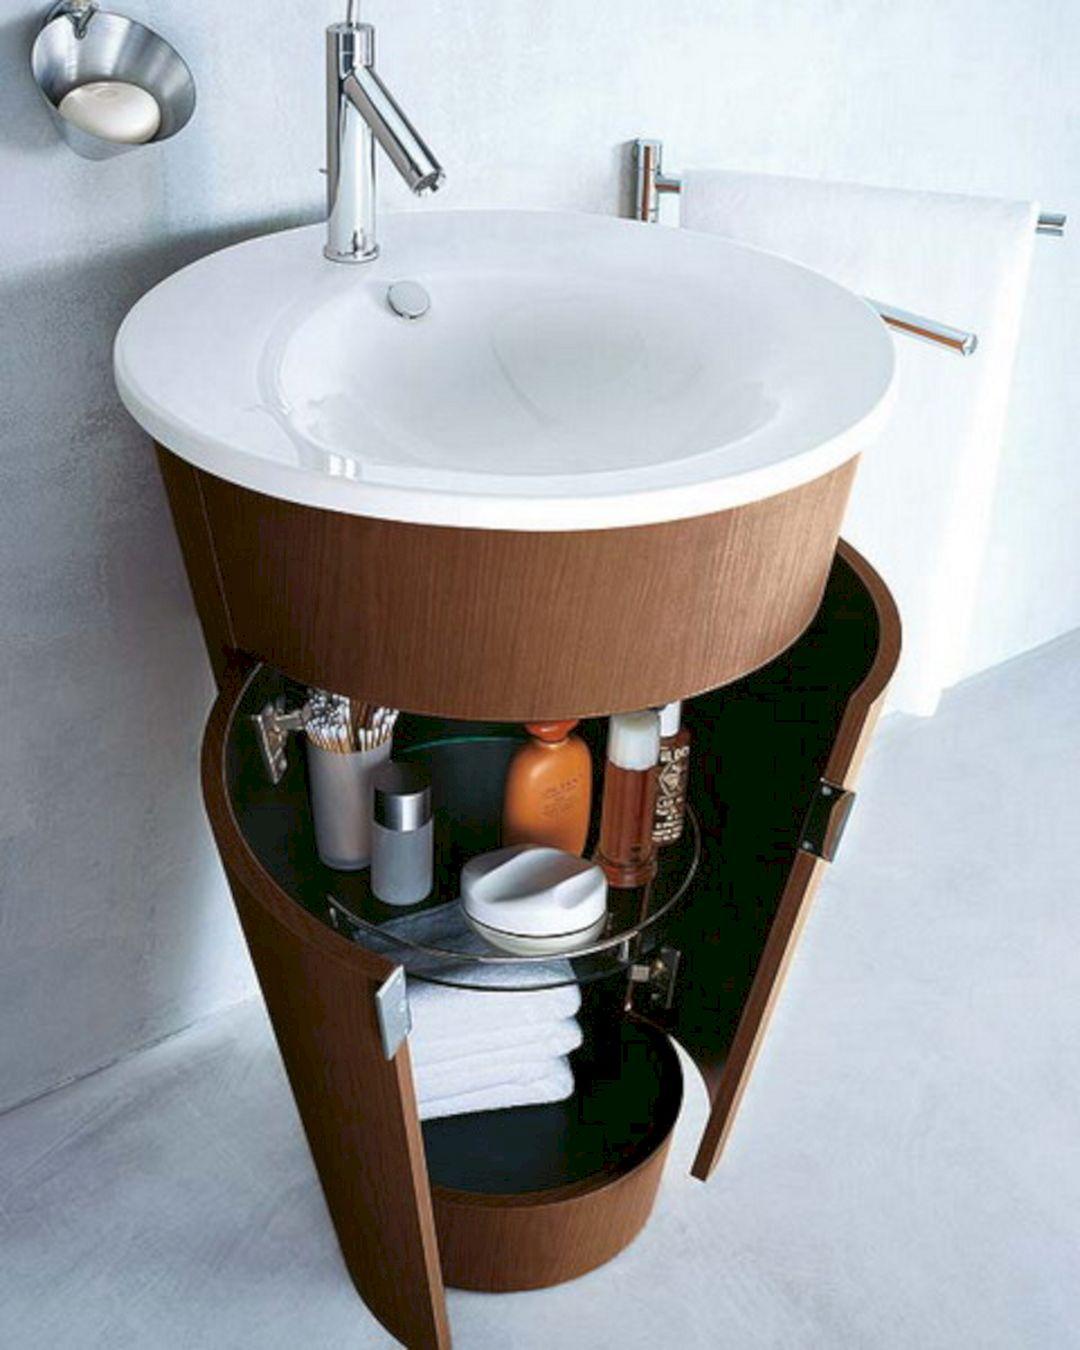 Storage Bathroom Small Ideas Sink